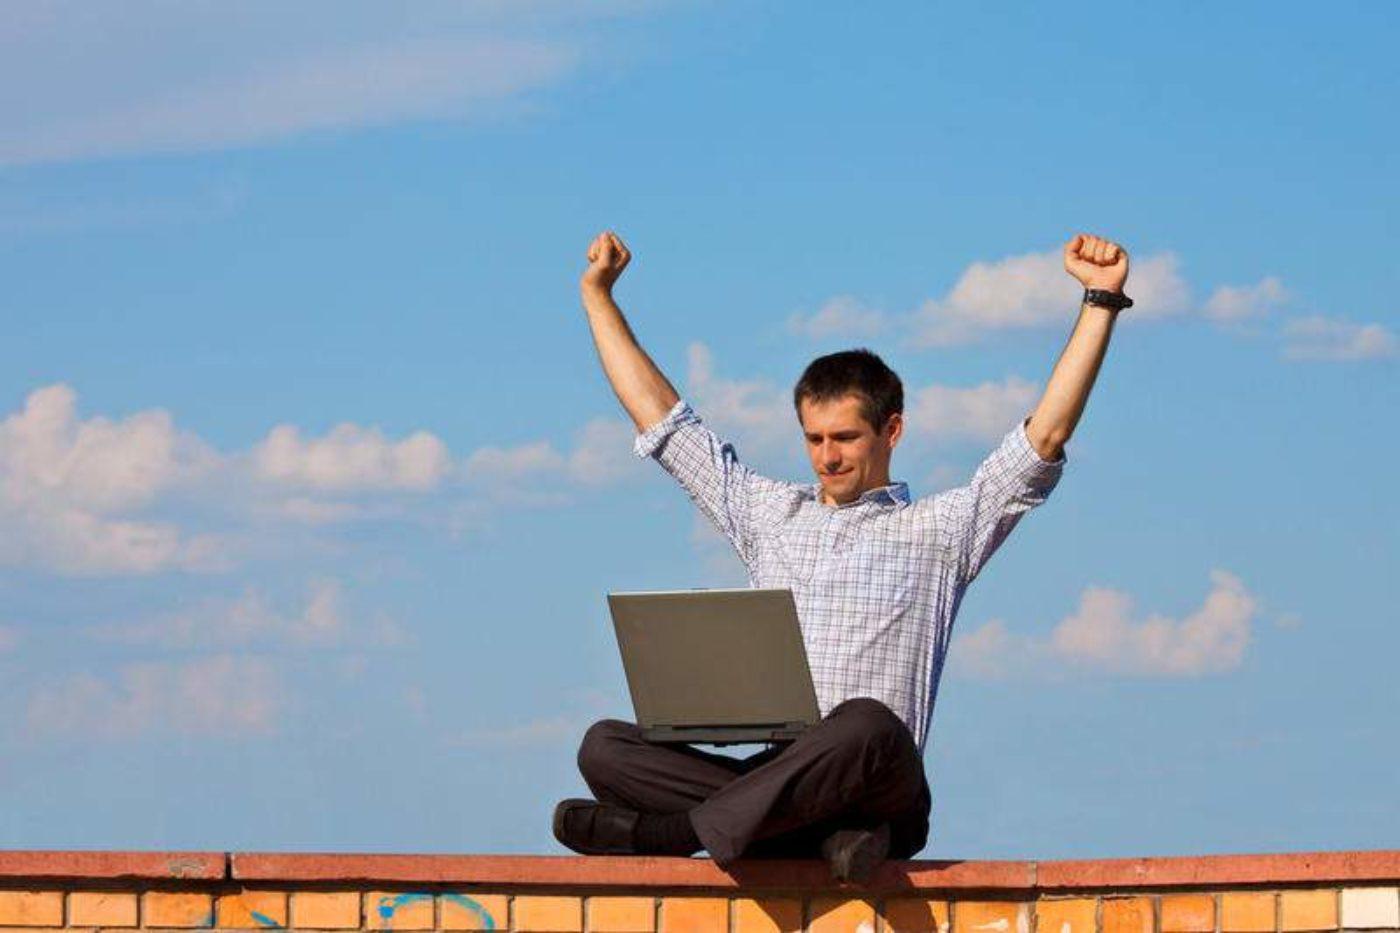 Статьи: Как начать работать на фрилансе. 5 этапов на пути к реализации проектов по тестированию